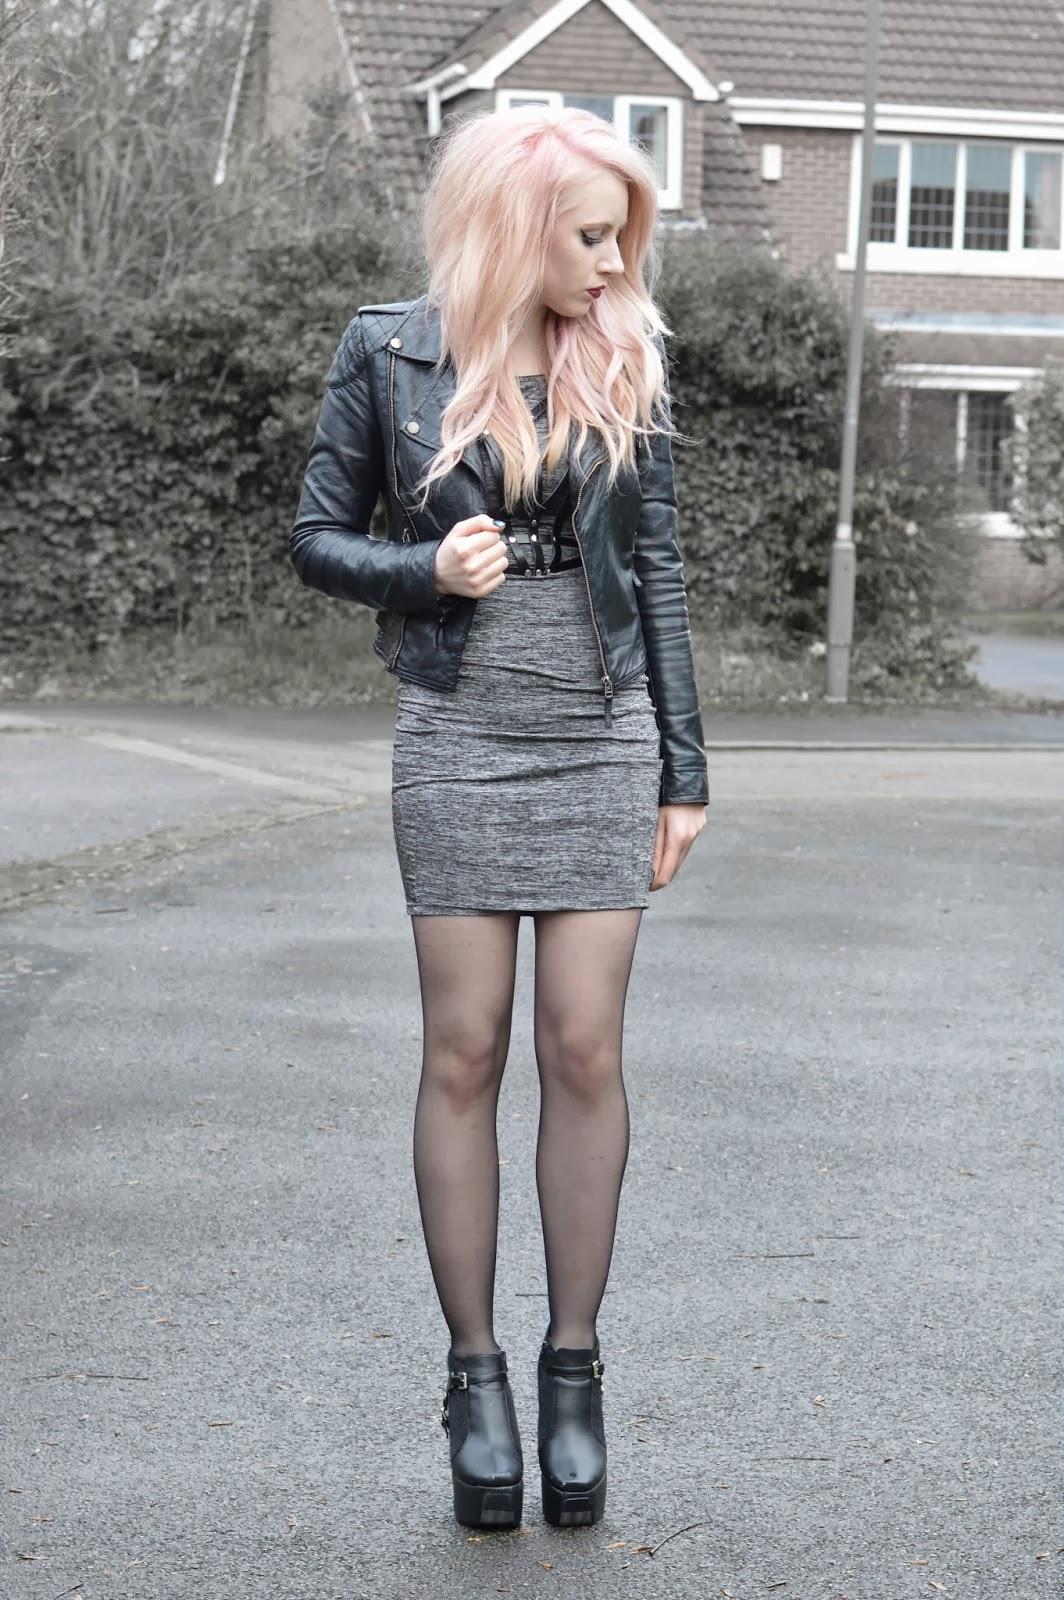 Sammi Jackson - Leather Harnesses